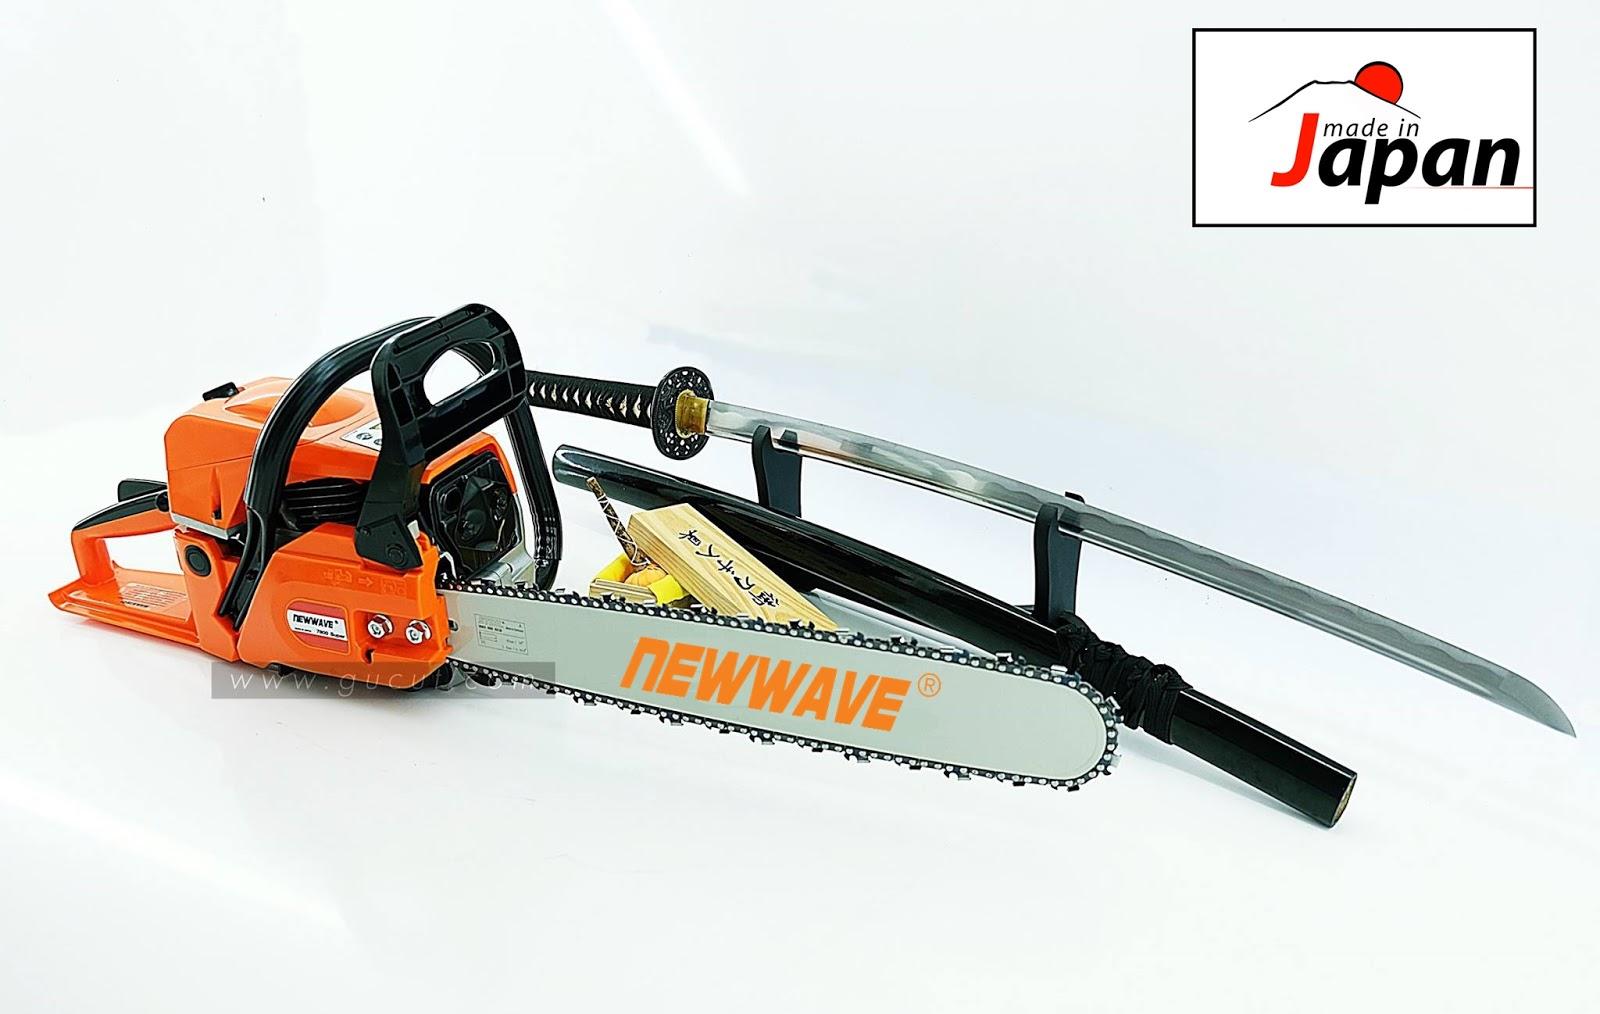 Newwave 7800 super